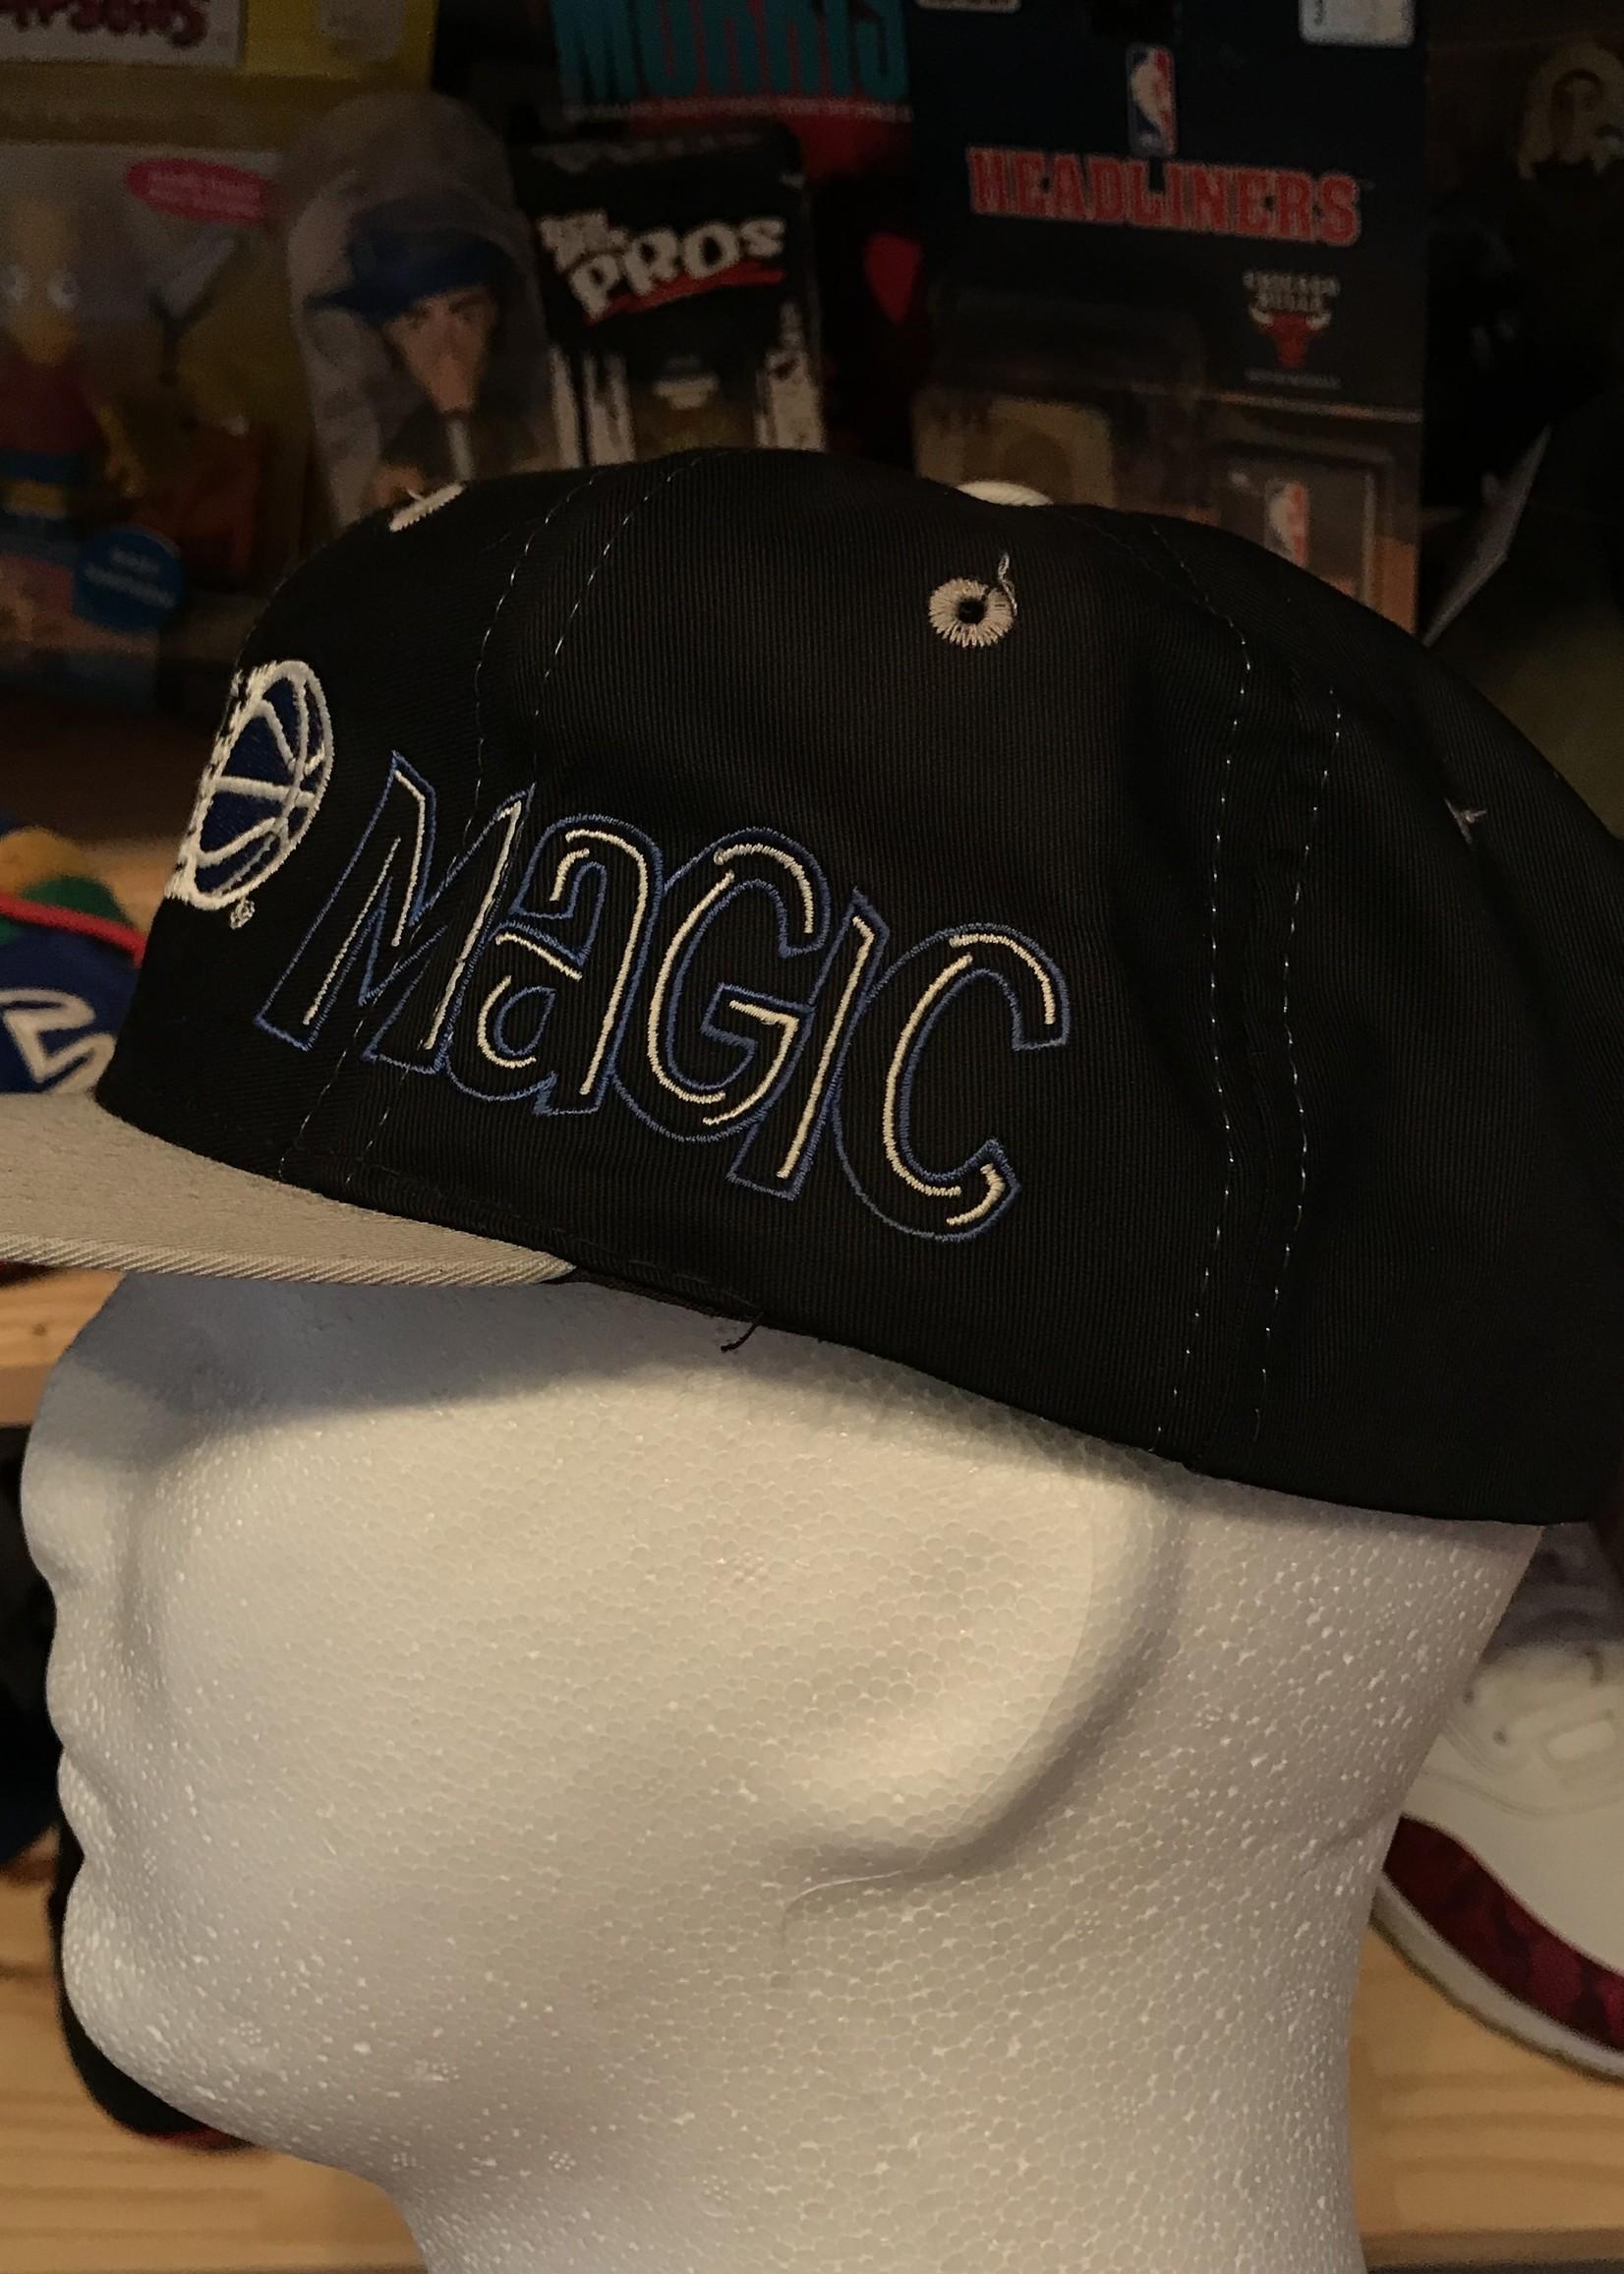 4898DS magic hat